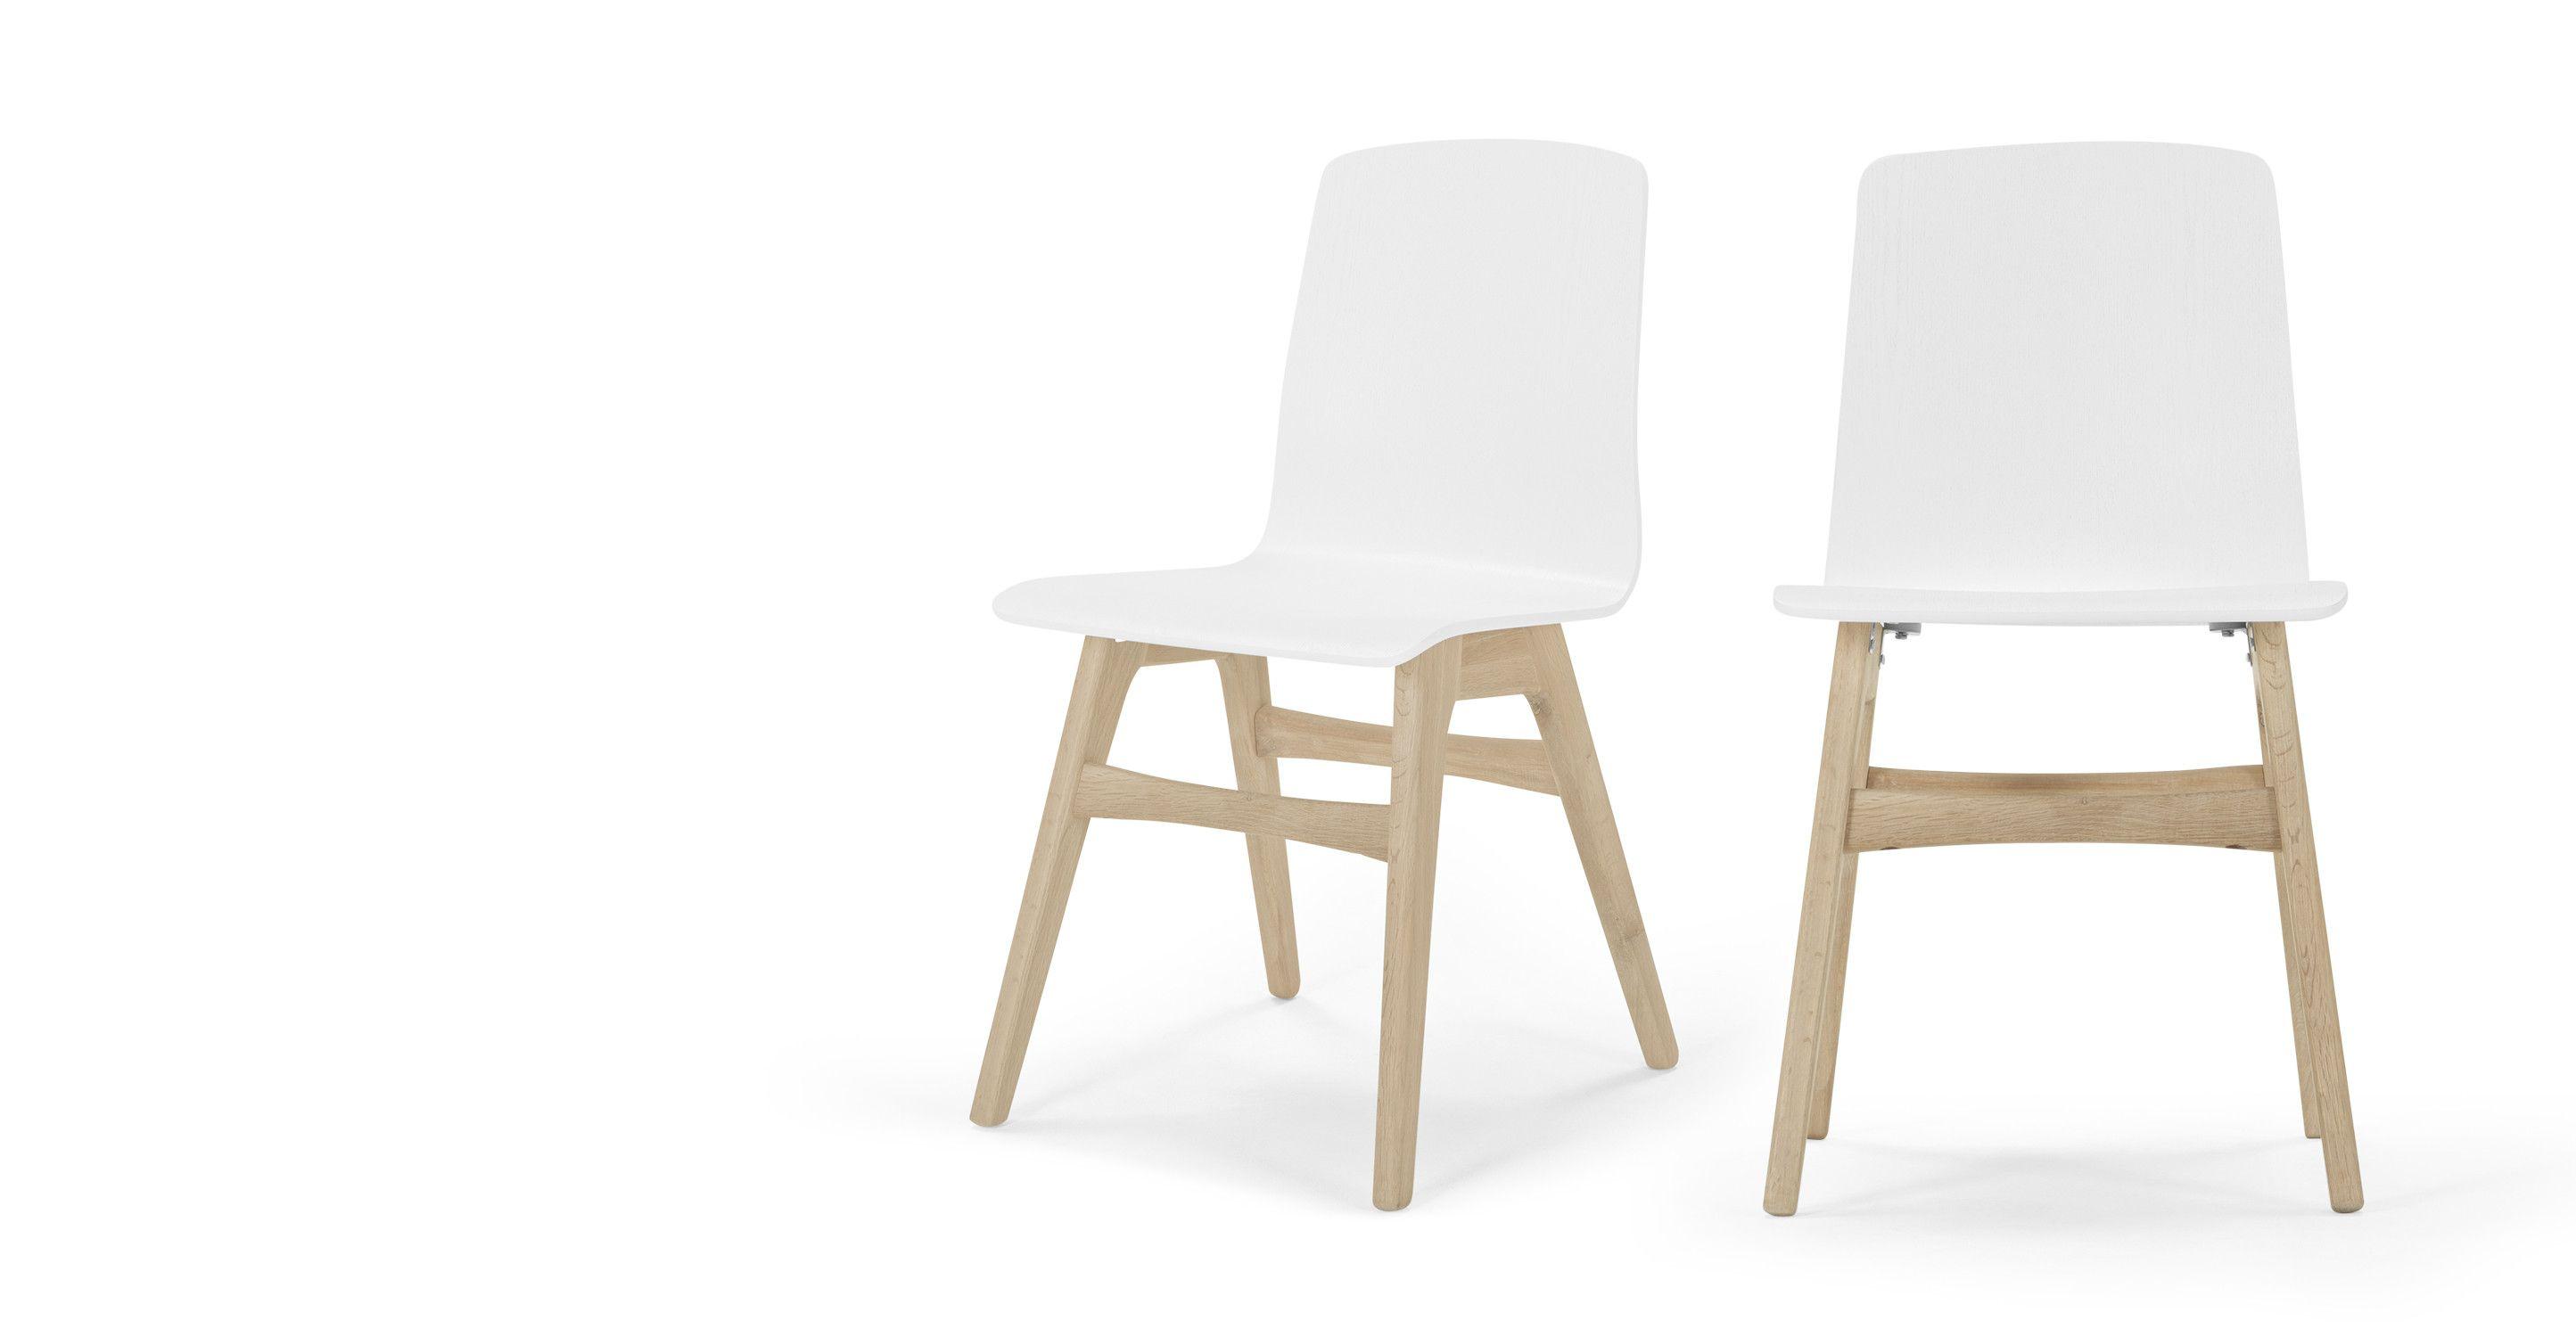 Esszimmerstühle Eiche 2 x dante esszimmerstühle weiß und eiche dining chairs open plan